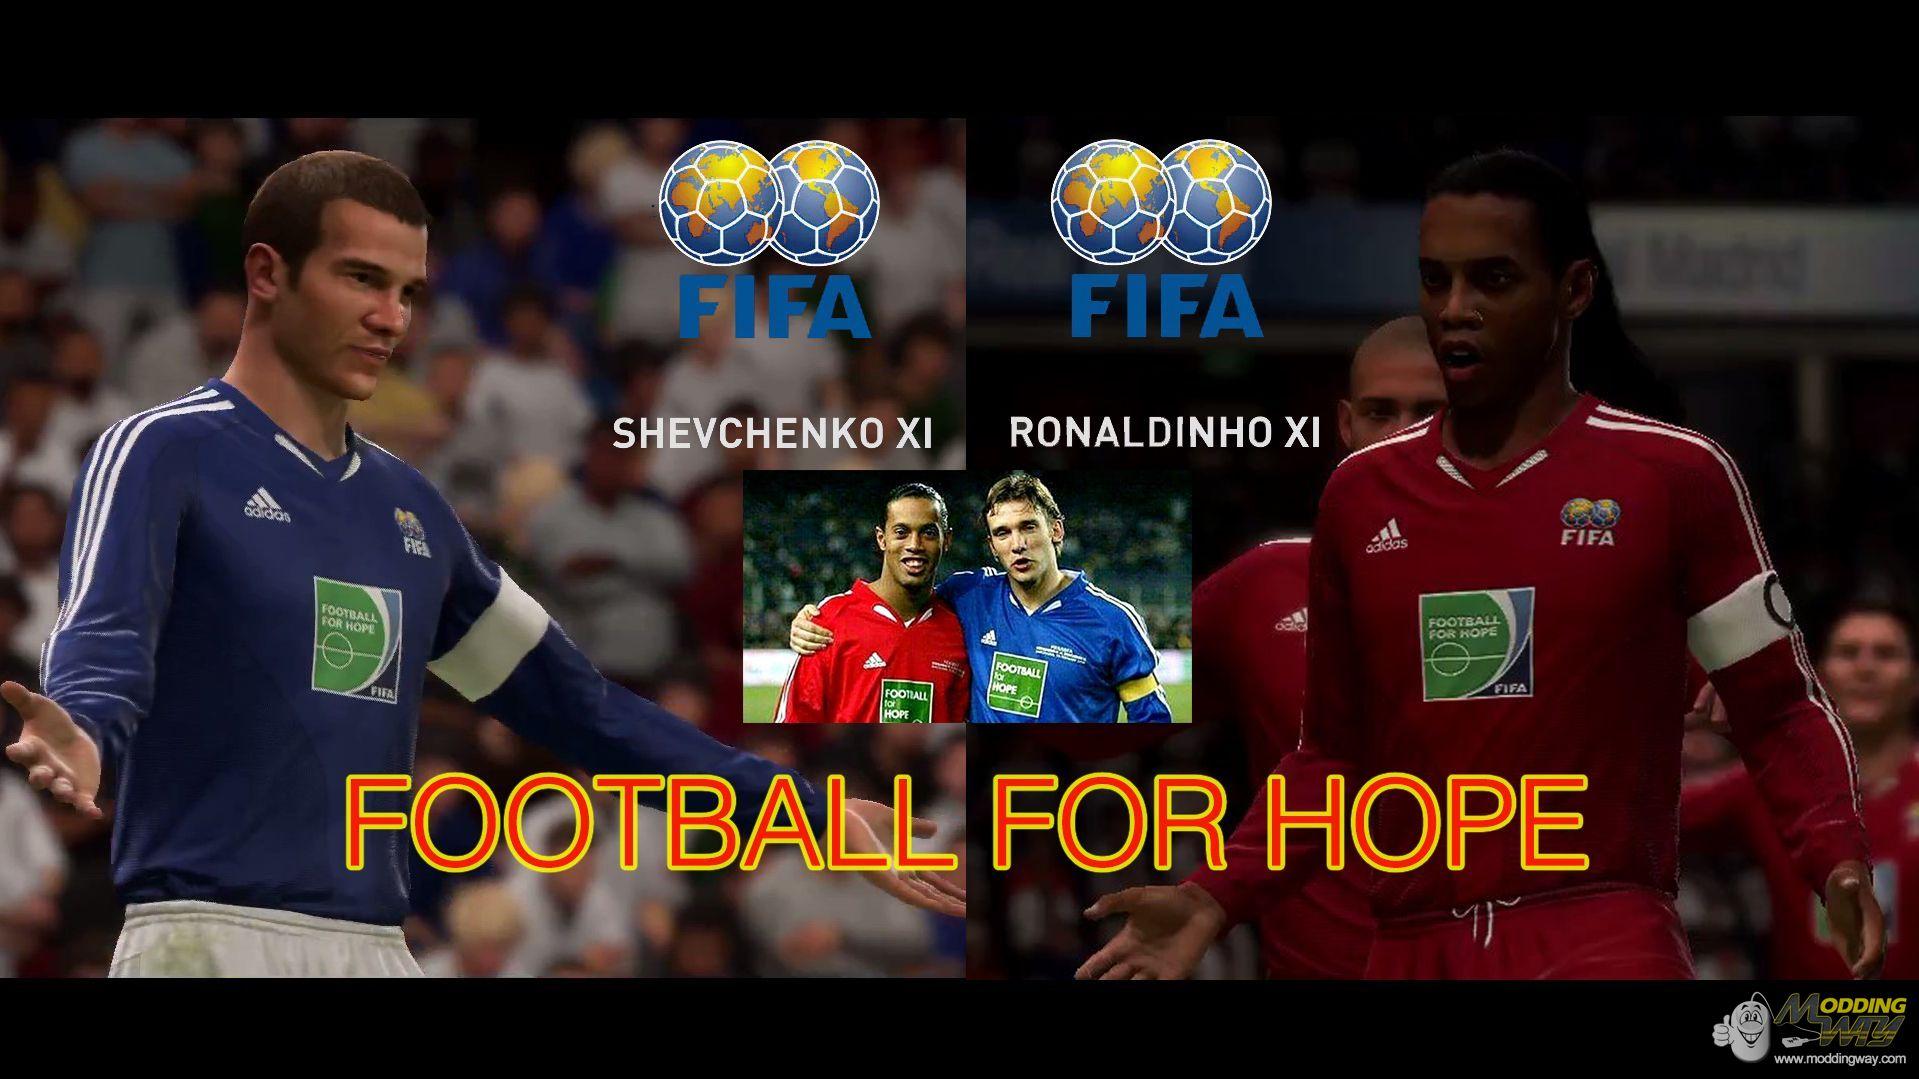 دانلود کیت فانتزی جدید برای FIFA18